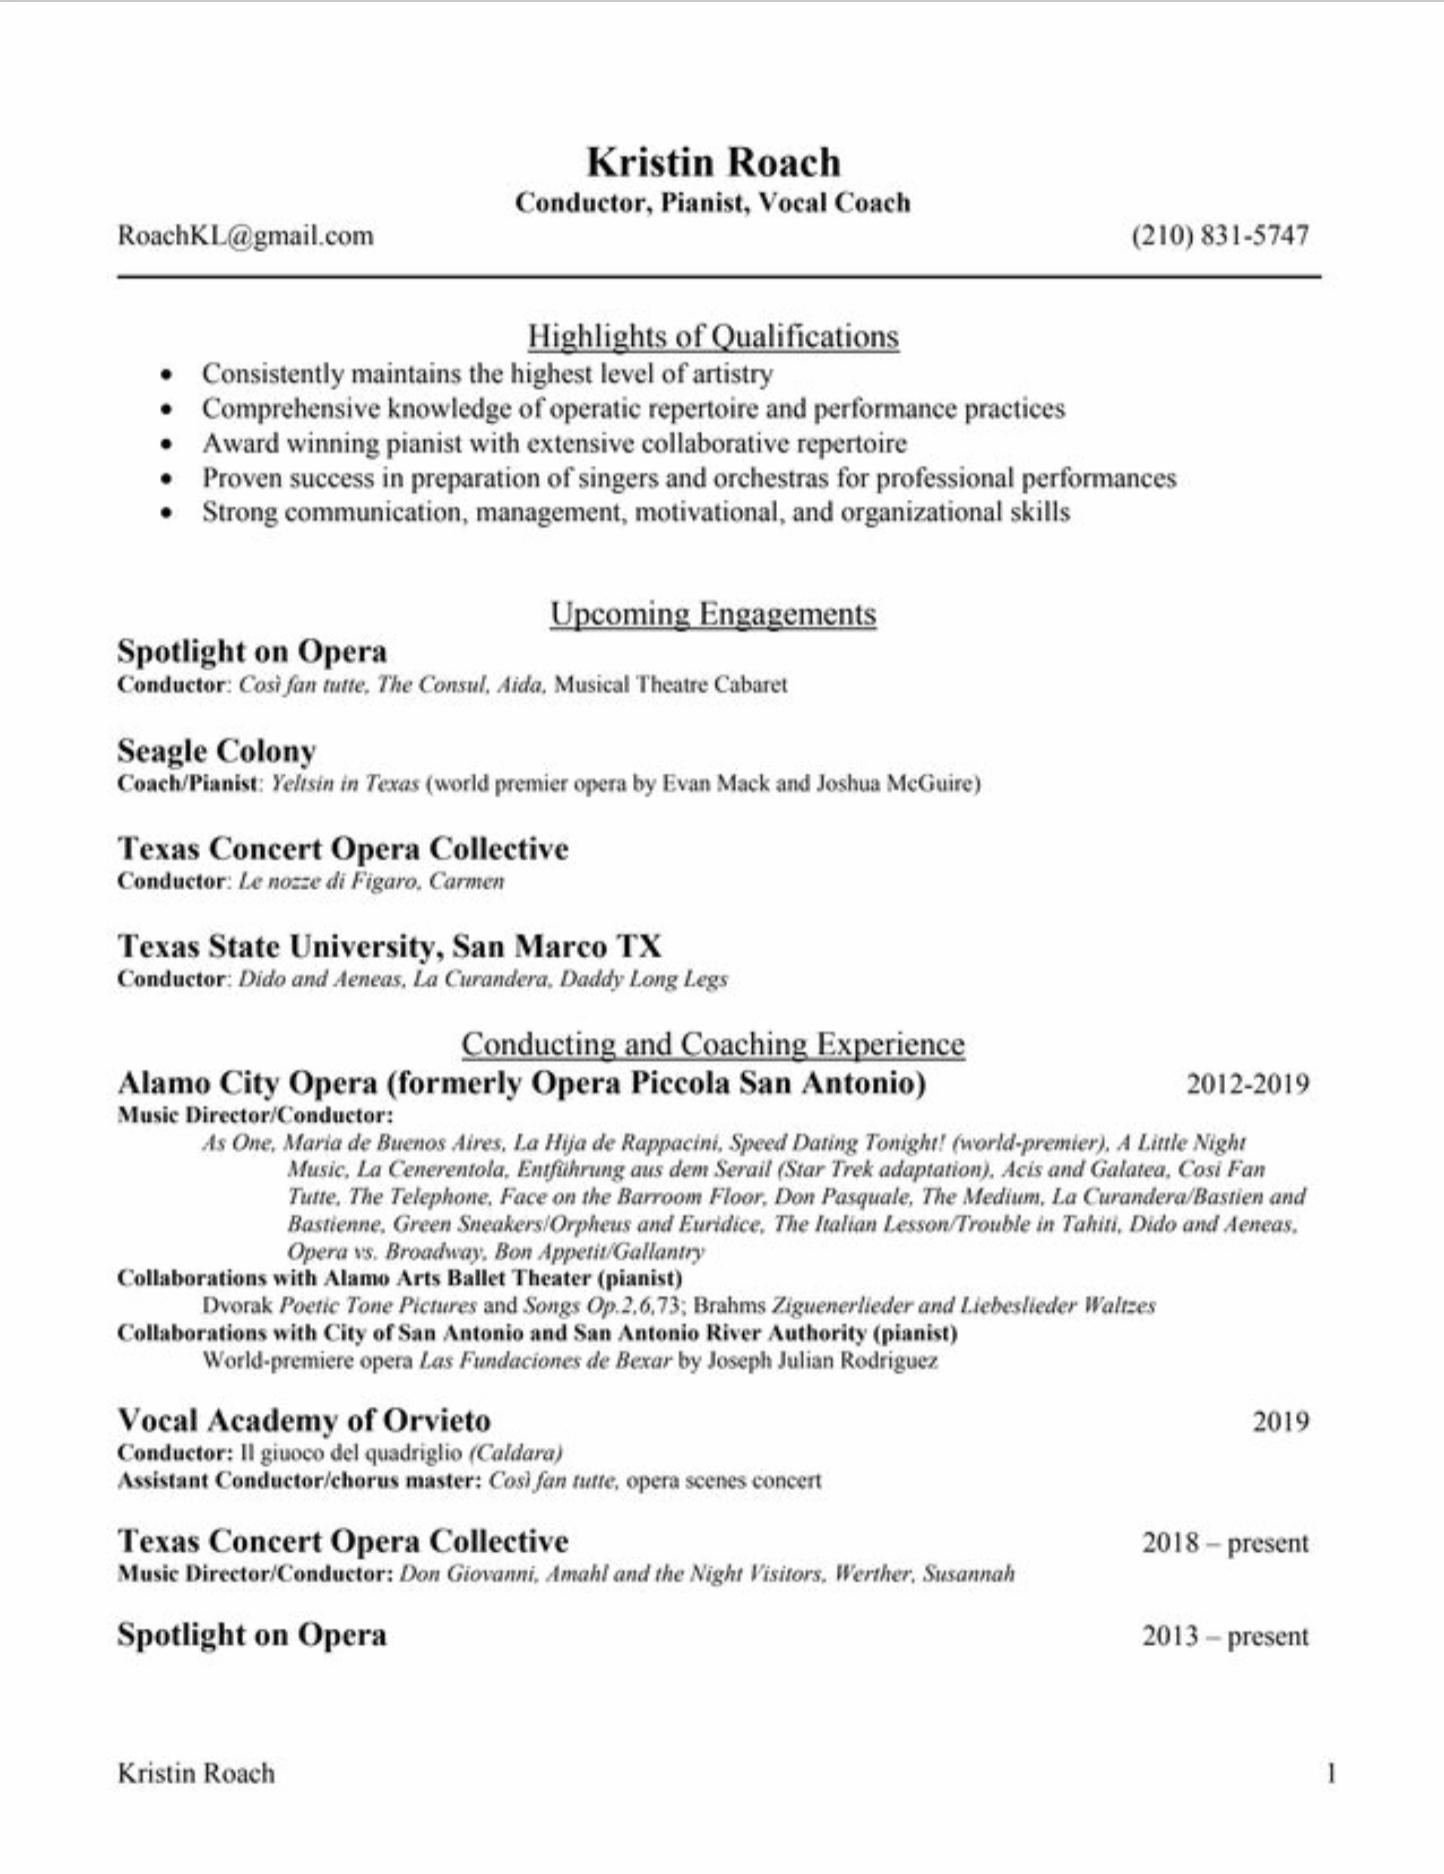 CV/Résumé